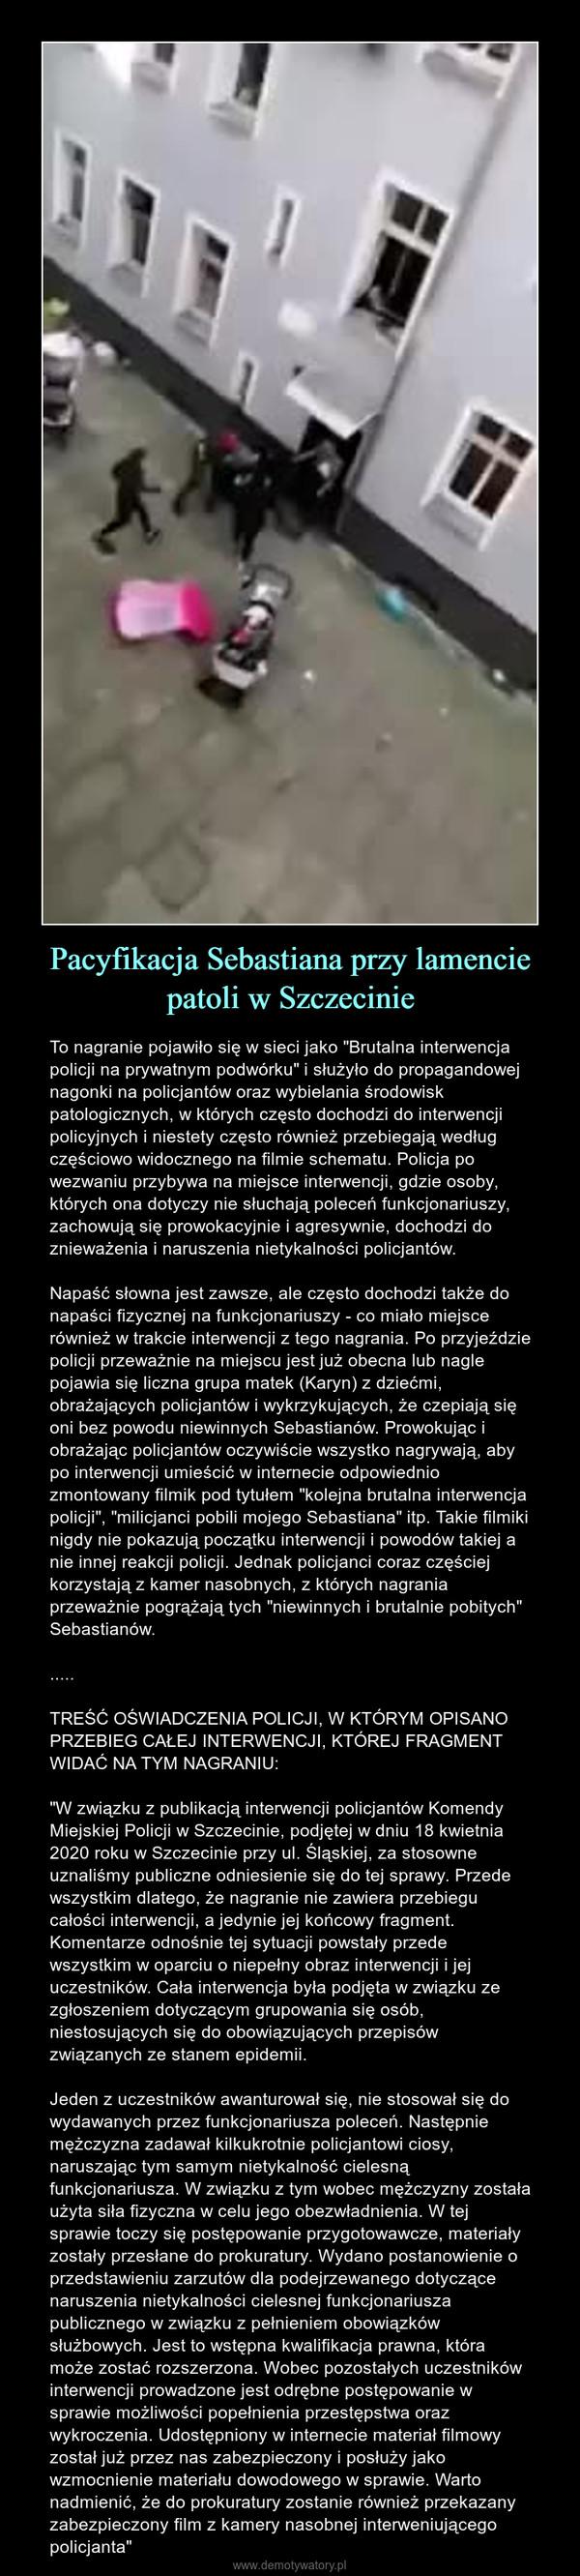 """Pacyfikacja Sebastiana przy lamencie patoli w Szczecinie – To nagranie pojawiło się w sieci jako """"Brutalna interwencja policji na prywatnym podwórku"""" i służyło do propagandowej nagonki na policjantów oraz wybielania środowisk patologicznych, w których często dochodzi do interwencji policyjnych i niestety często również przebiegają według częściowo widocznego na filmie schematu. Policja po wezwaniu przybywa na miejsce interwencji, gdzie osoby, których ona dotyczy nie słuchają poleceń funkcjonariuszy, zachowują się prowokacyjnie i agresywnie, dochodzi do znieważenia i naruszenia nietykalności policjantów. Napaść słowna jest zawsze, ale często dochodzi także do napaści fizycznej na funkcjonariuszy - co miało miejsce również w trakcie interwencji z tego nagrania. Po przyjeździe policji przeważnie na miejscu jest już obecna lub nagle pojawia się liczna grupa matek (Karyn) z dziećmi, obrażających policjantów i wykrzykujących, że czepiają się oni bez powodu niewinnych Sebastianów. Prowokując i obrażając policjantów oczywiście wszystko nagrywają, aby po interwencji umieścić w internecie odpowiednio zmontowany filmik pod tytułem """"kolejna brutalna interwencja policji"""", """"milicjanci pobili mojego Sebastiana"""" itp. Takie filmiki nigdy nie pokazują początku interwencji i powodów takiej a nie innej reakcji policji. Jednak policjanci coraz częściej korzystają z kamer nasobnych, z których nagrania przeważnie pogrążają tych """"niewinnych i brutalnie pobitych"""" Sebastianów......TREŚĆ OŚWIADCZENIA POLICJI, W KTÓRYM OPISANO PRZEBIEG CAŁEJ INTERWENCJI, KTÓREJ FRAGMENT WIDAĆ NA TYM NAGRANIU:""""W związku z publikacją interwencji policjantów Komendy Miejskiej Policji w Szczecinie, podjętej w dniu 18 kwietnia 2020 roku w Szczecinie przy ul. Śląskiej, za stosowne uznaliśmy publiczne odniesienie się do tej sprawy. Przede wszystkim dlatego, że nagranie nie zawiera przebiegu całości interwencji, a jedynie jej końcowy fragment. Komentarze odnośnie tej sytuacji powstały przede wszystkim w oparciu o niep"""